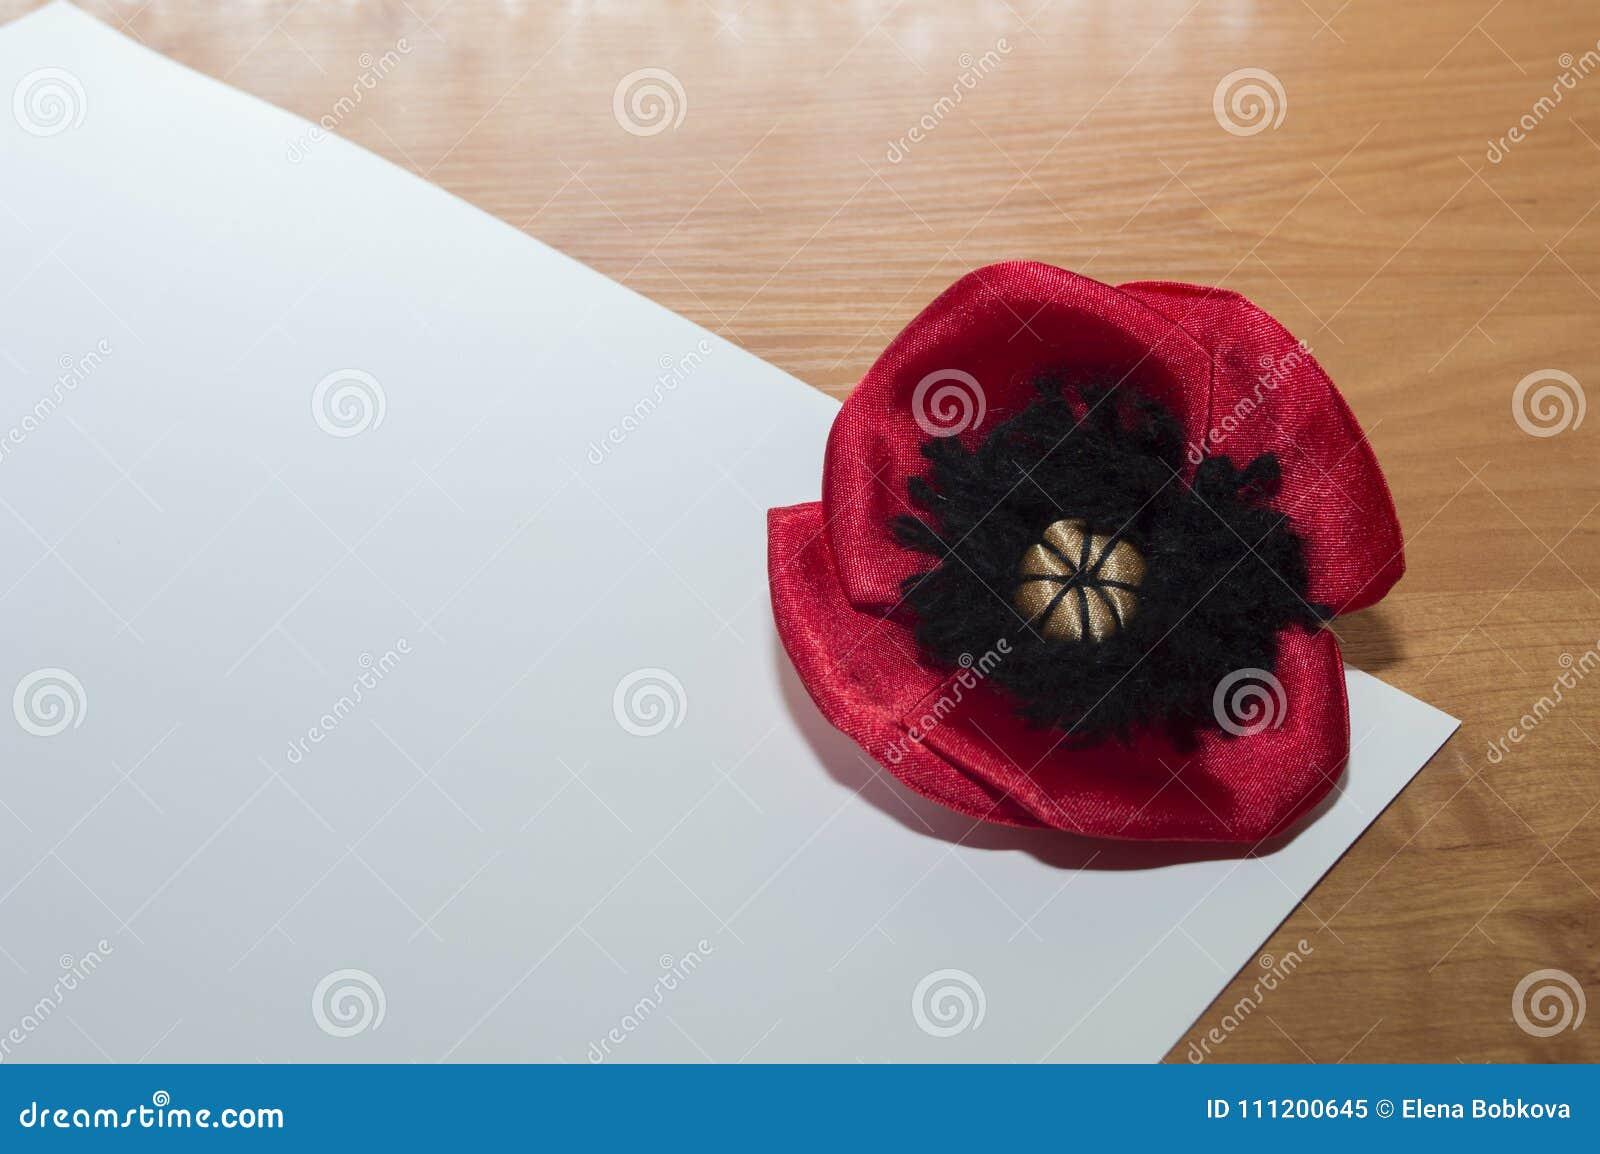 Decorative red poppy flower made satin fabric lies on a white download decorative red poppy flower made satin fabric lies on a white sheet of paper mightylinksfo